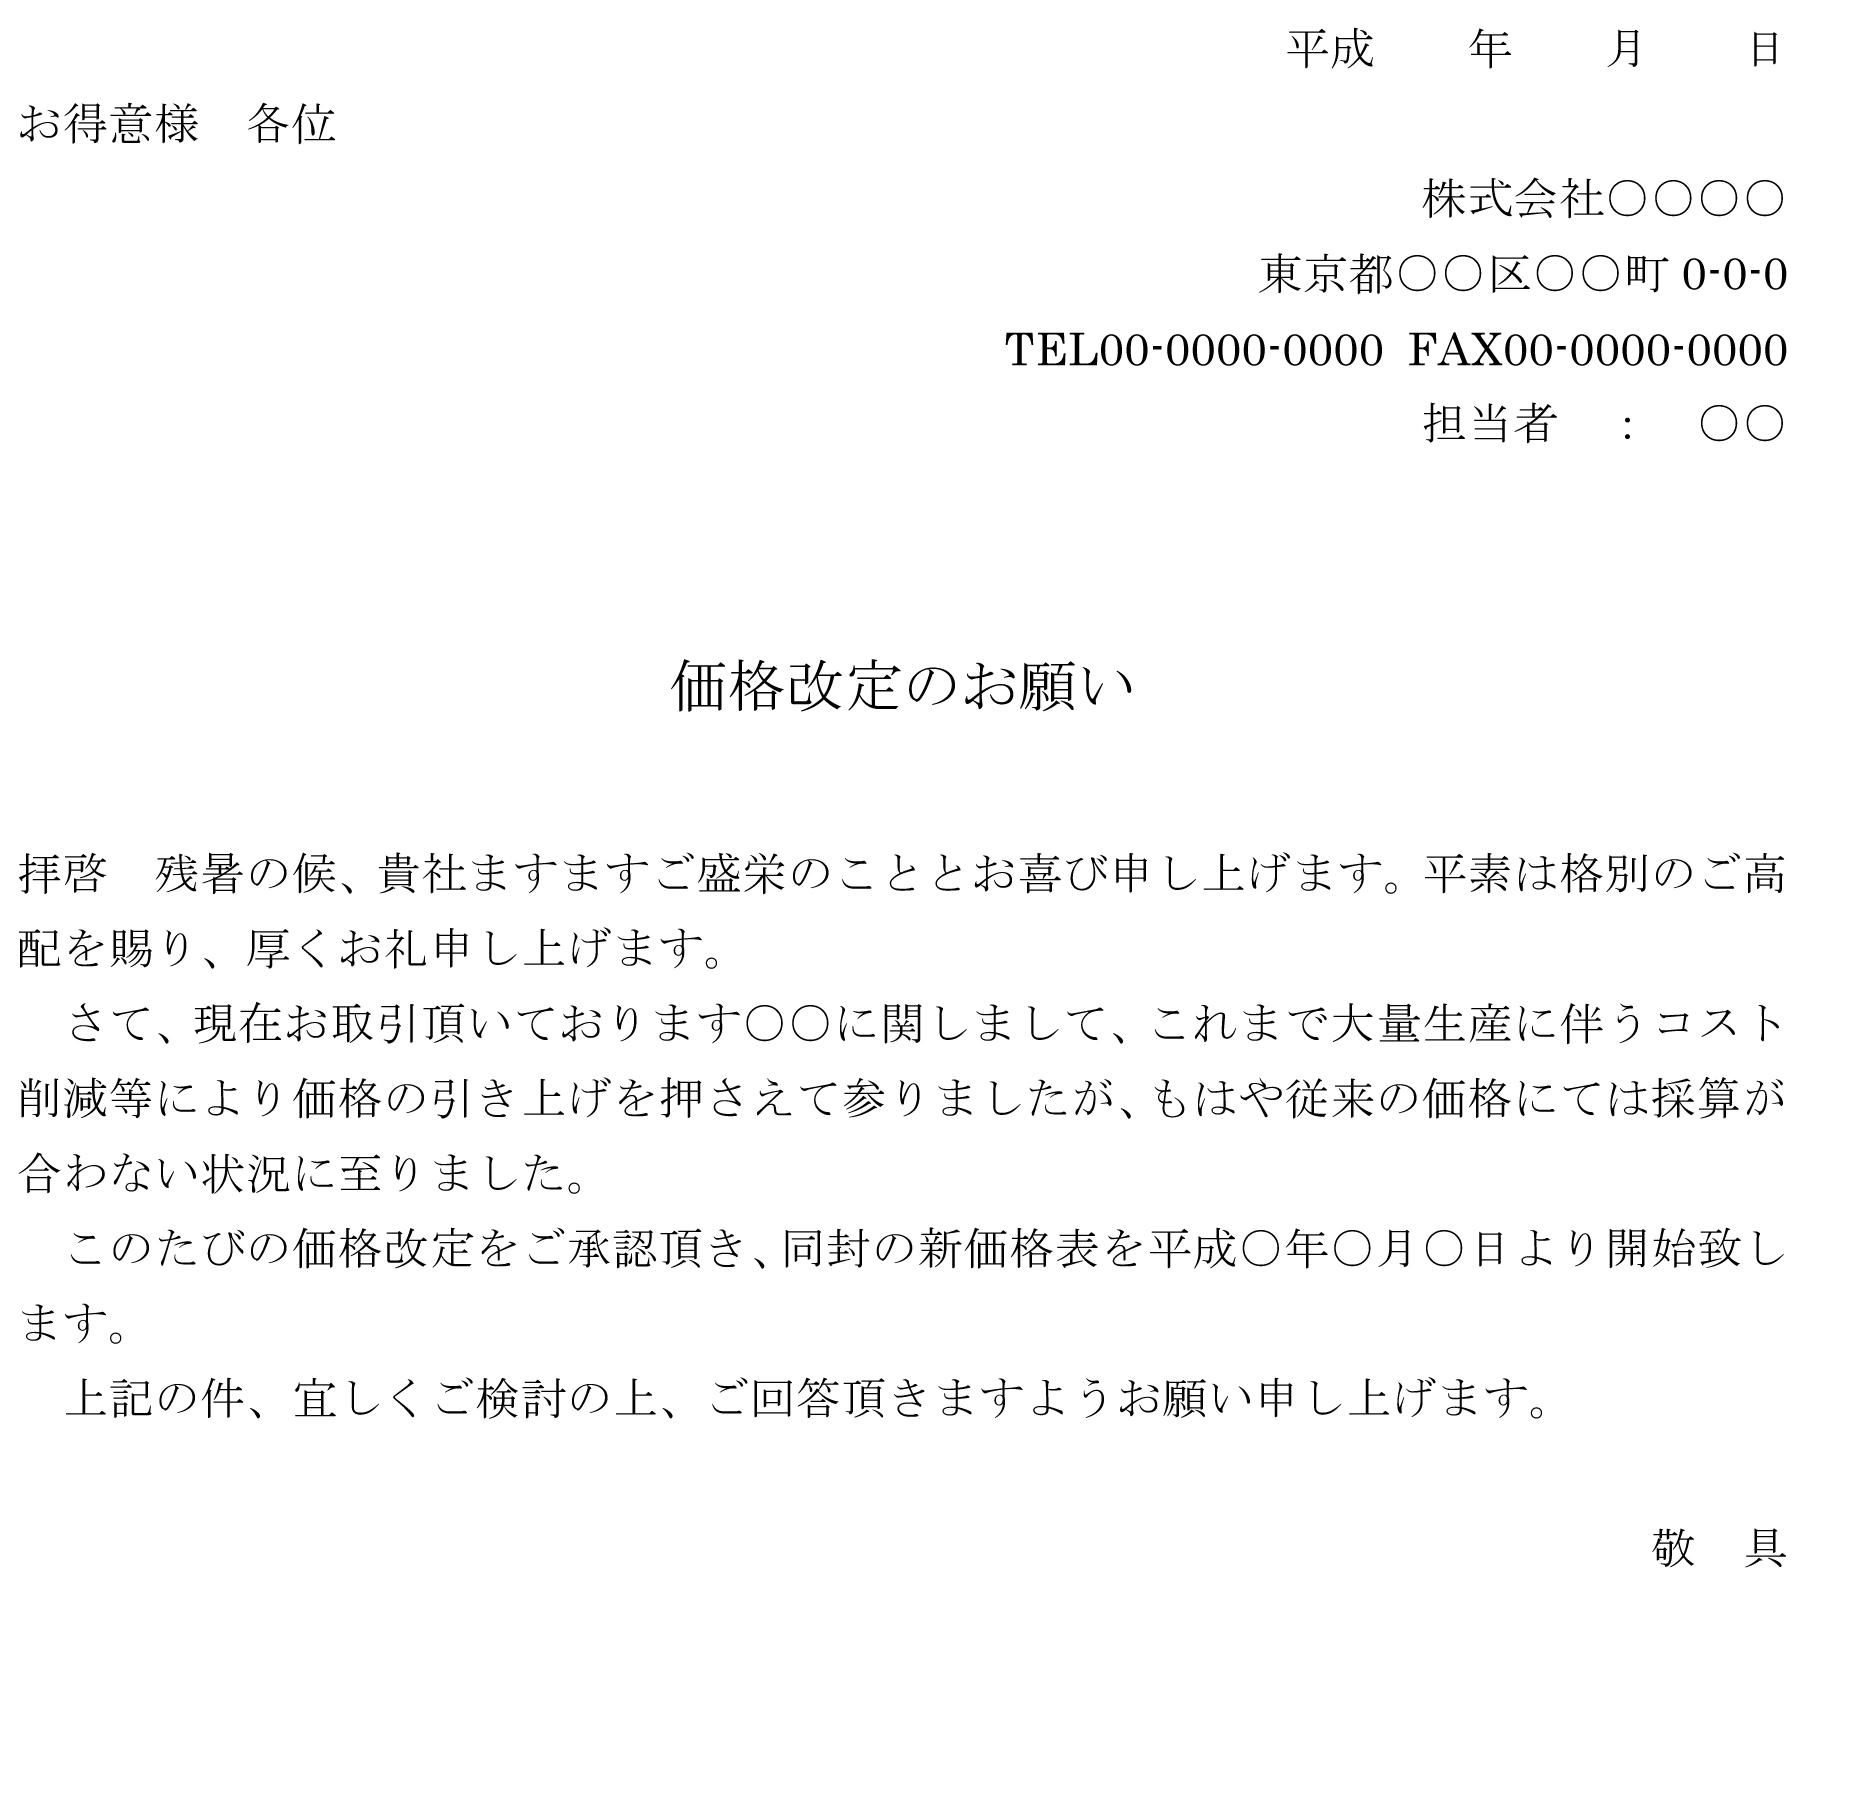 依頼状(価格改定)02